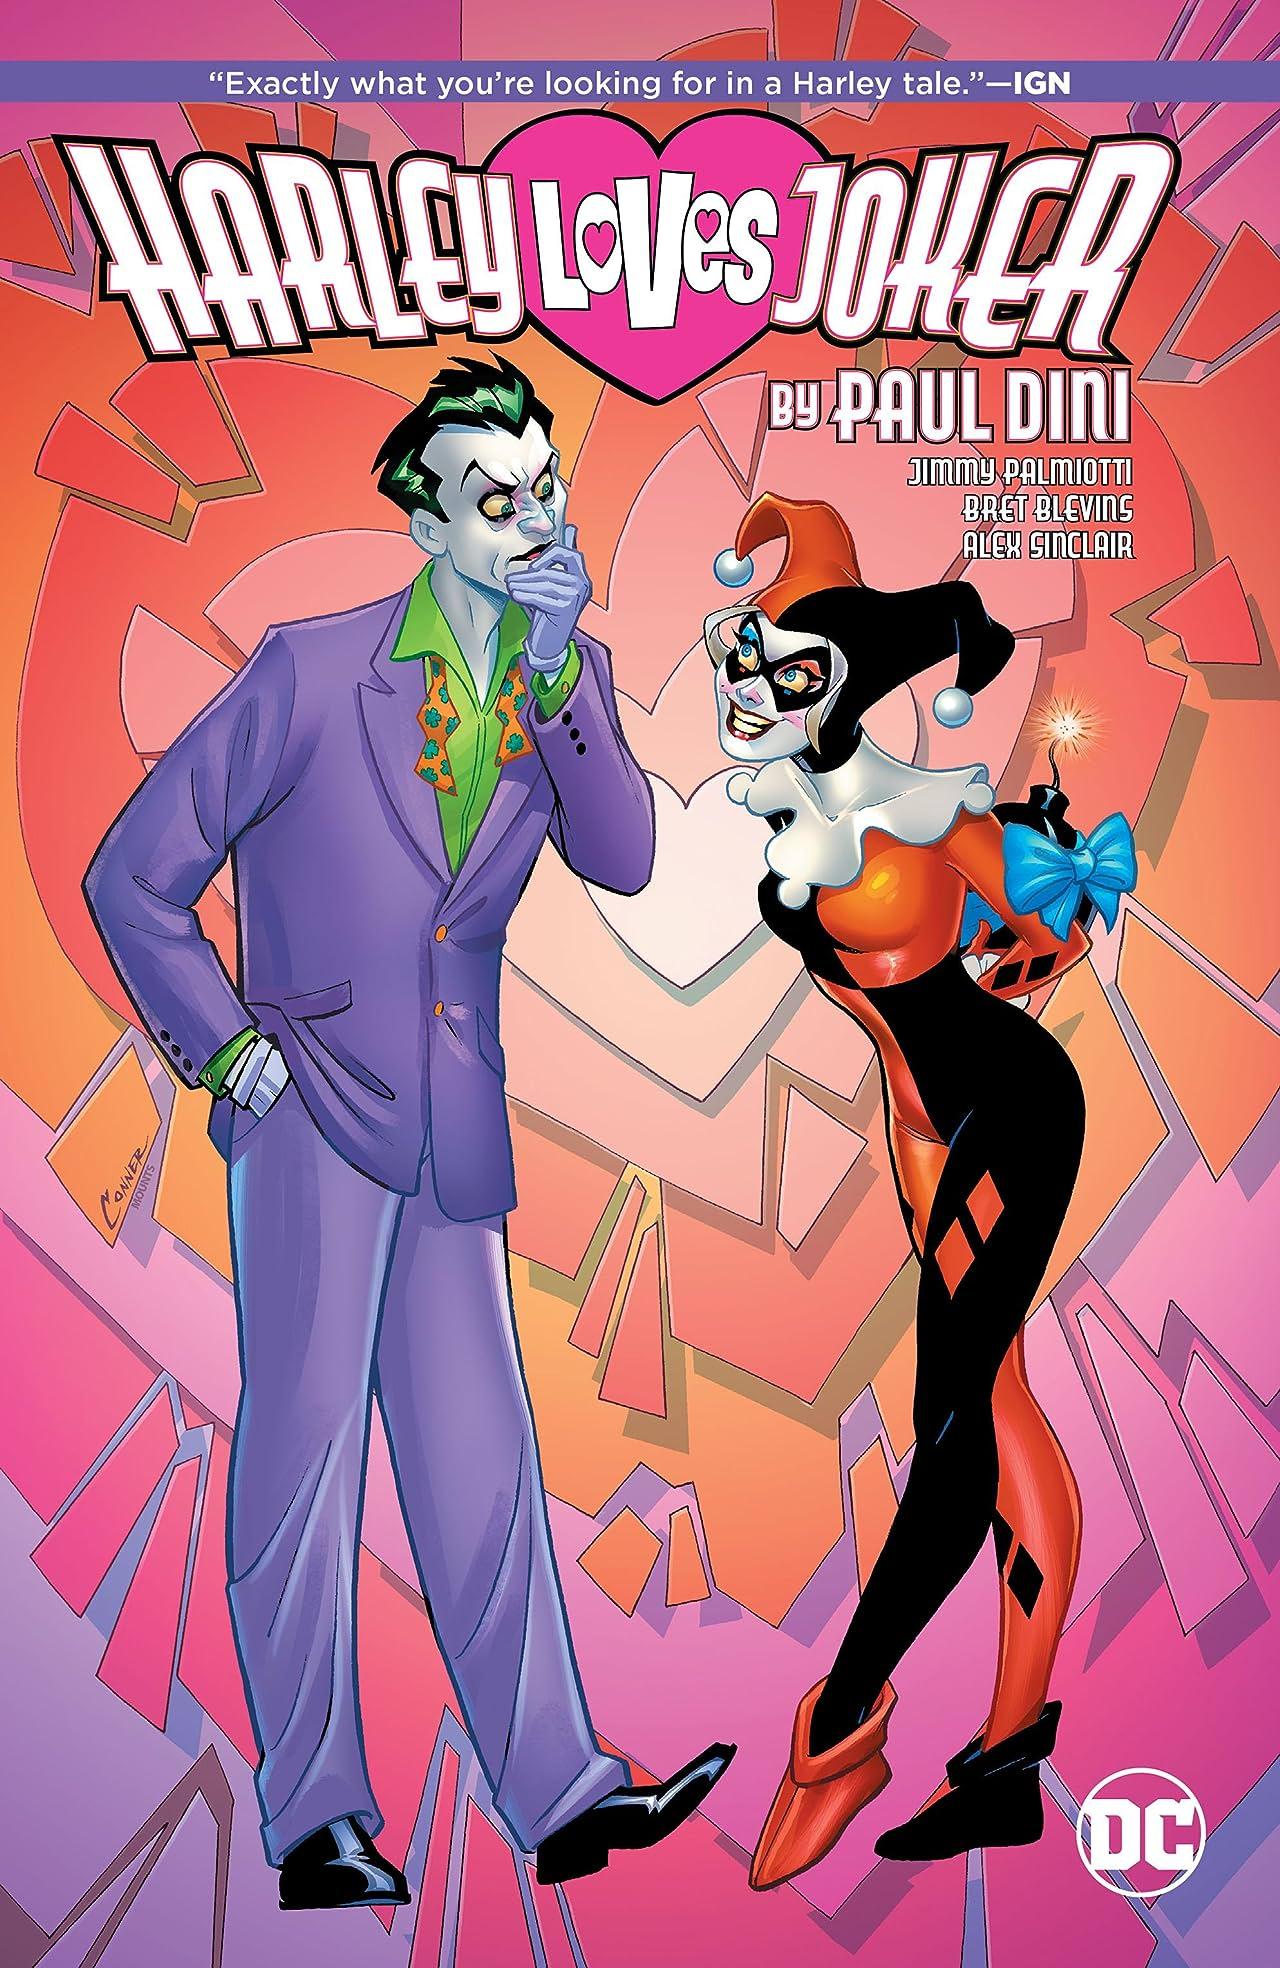 Harley Loves Joker by Paul Dini